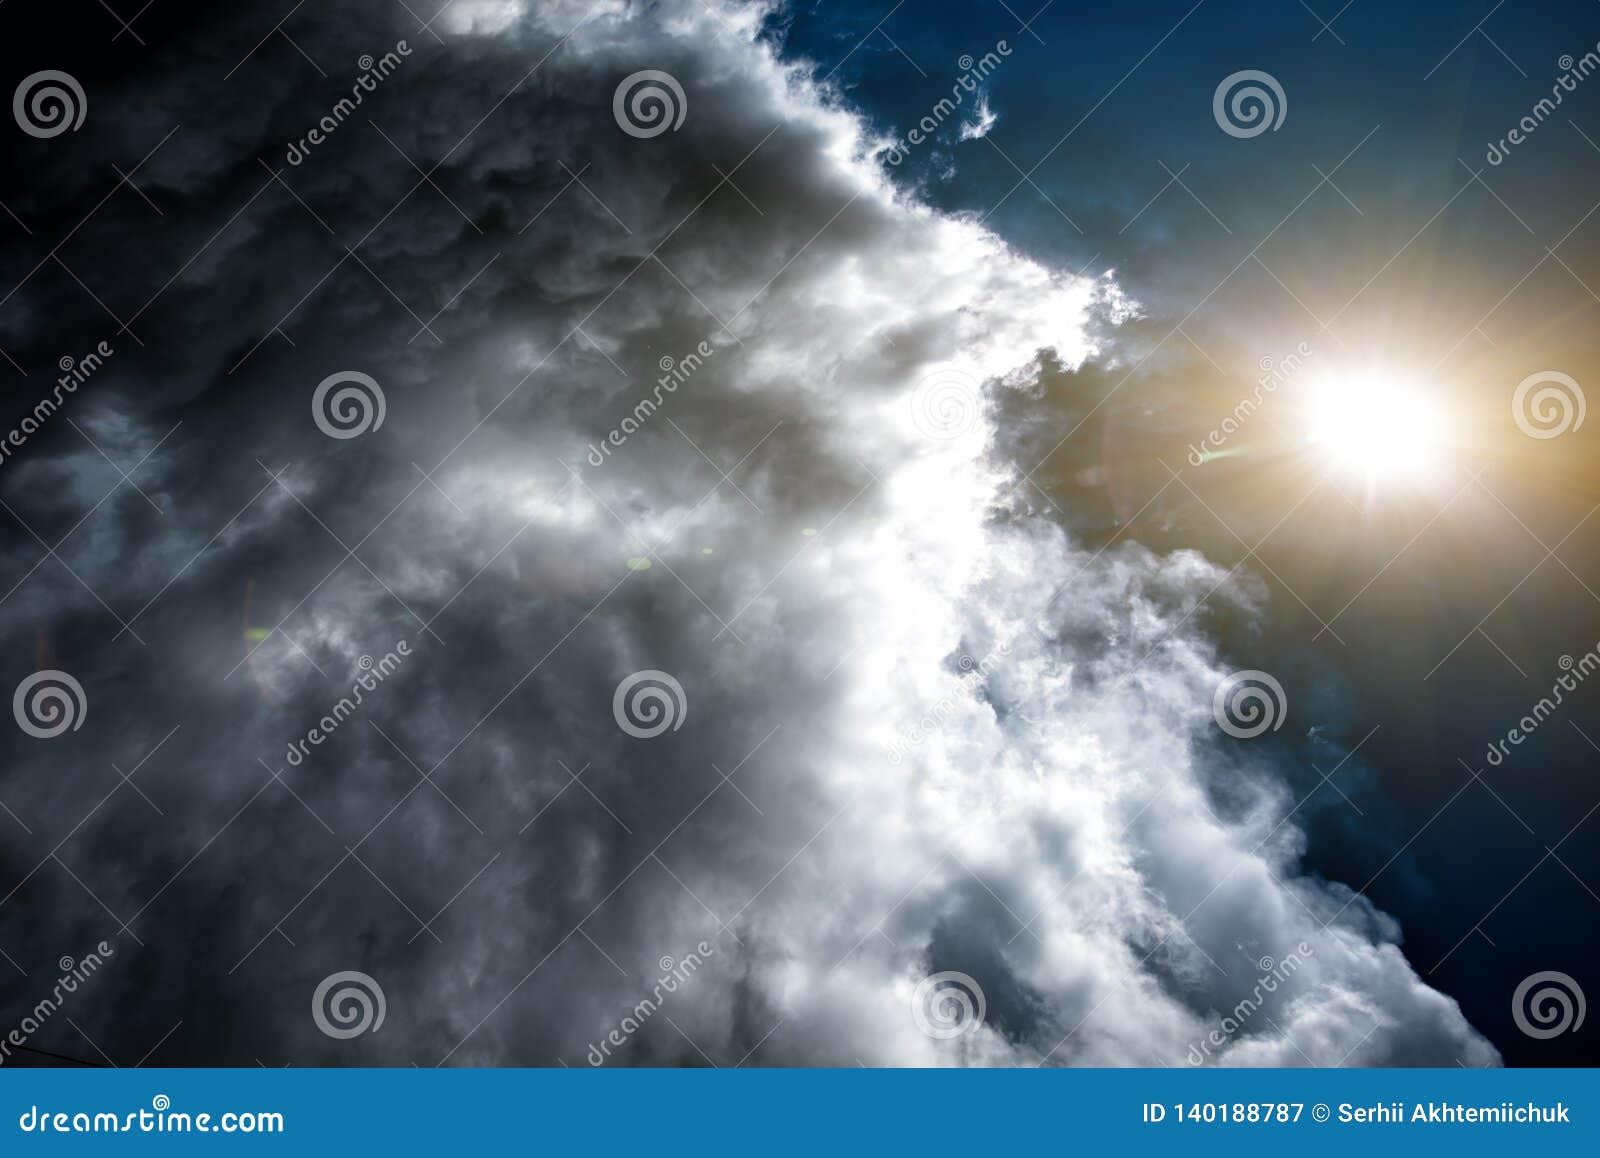 Konfrontacja pogoda: słońce i chmury Pojęcie: konfrontacja między ludźmi